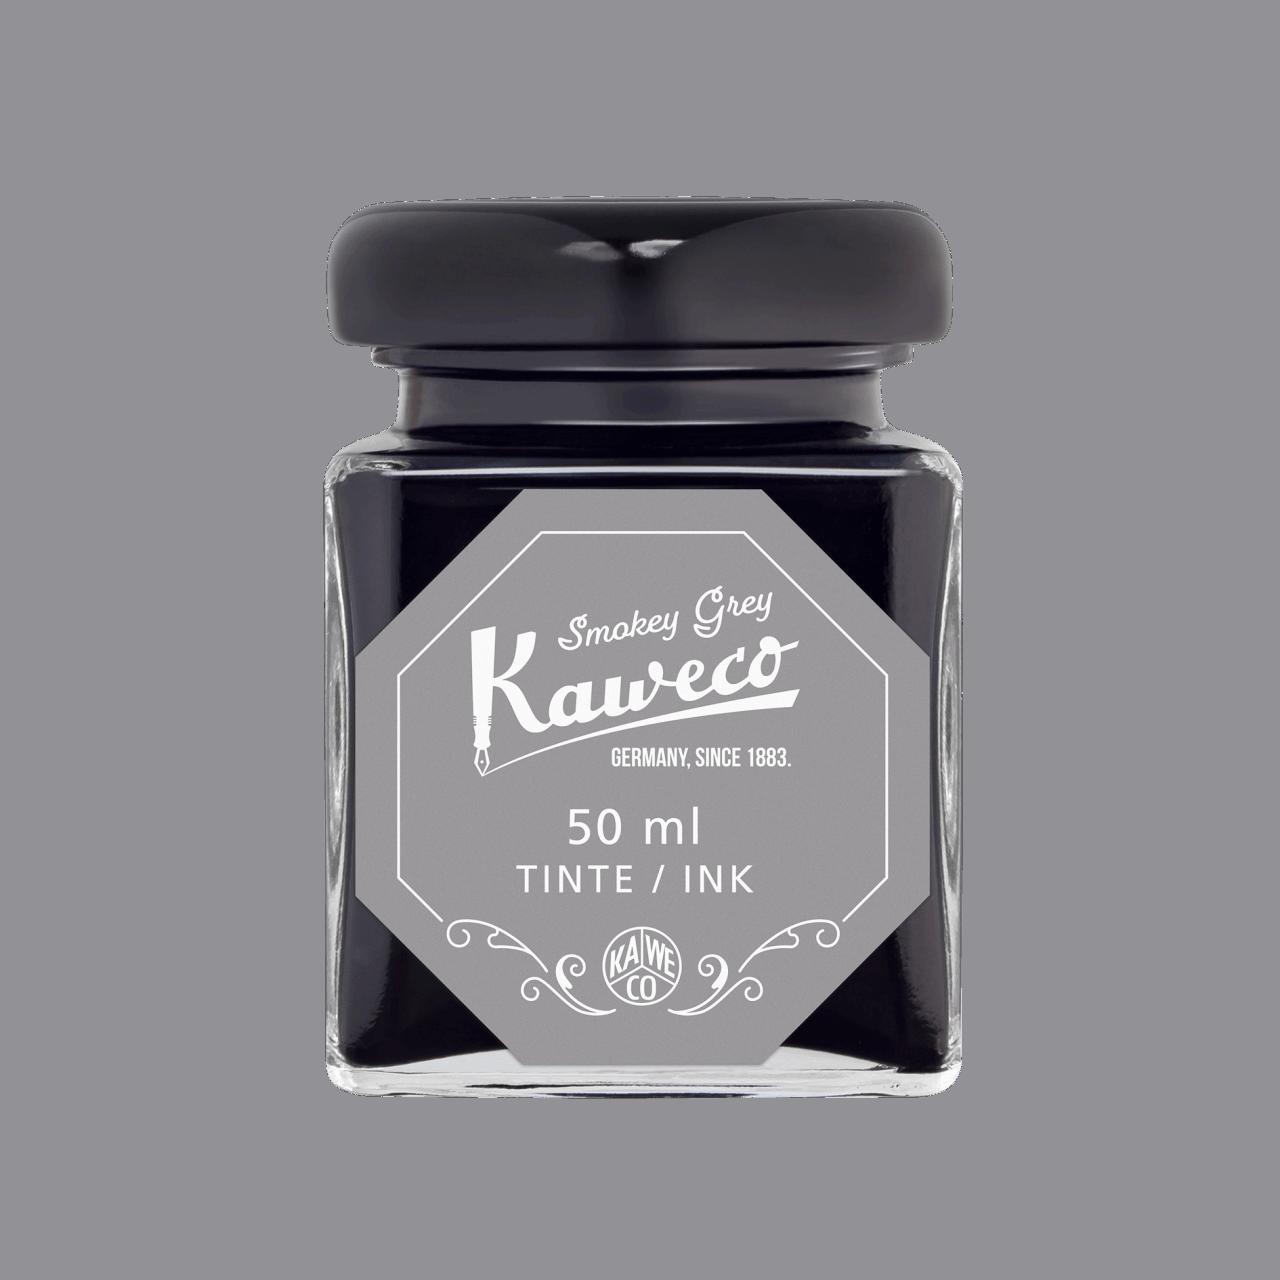 Kaweco Tintenglas Rauchgrau 50 ml